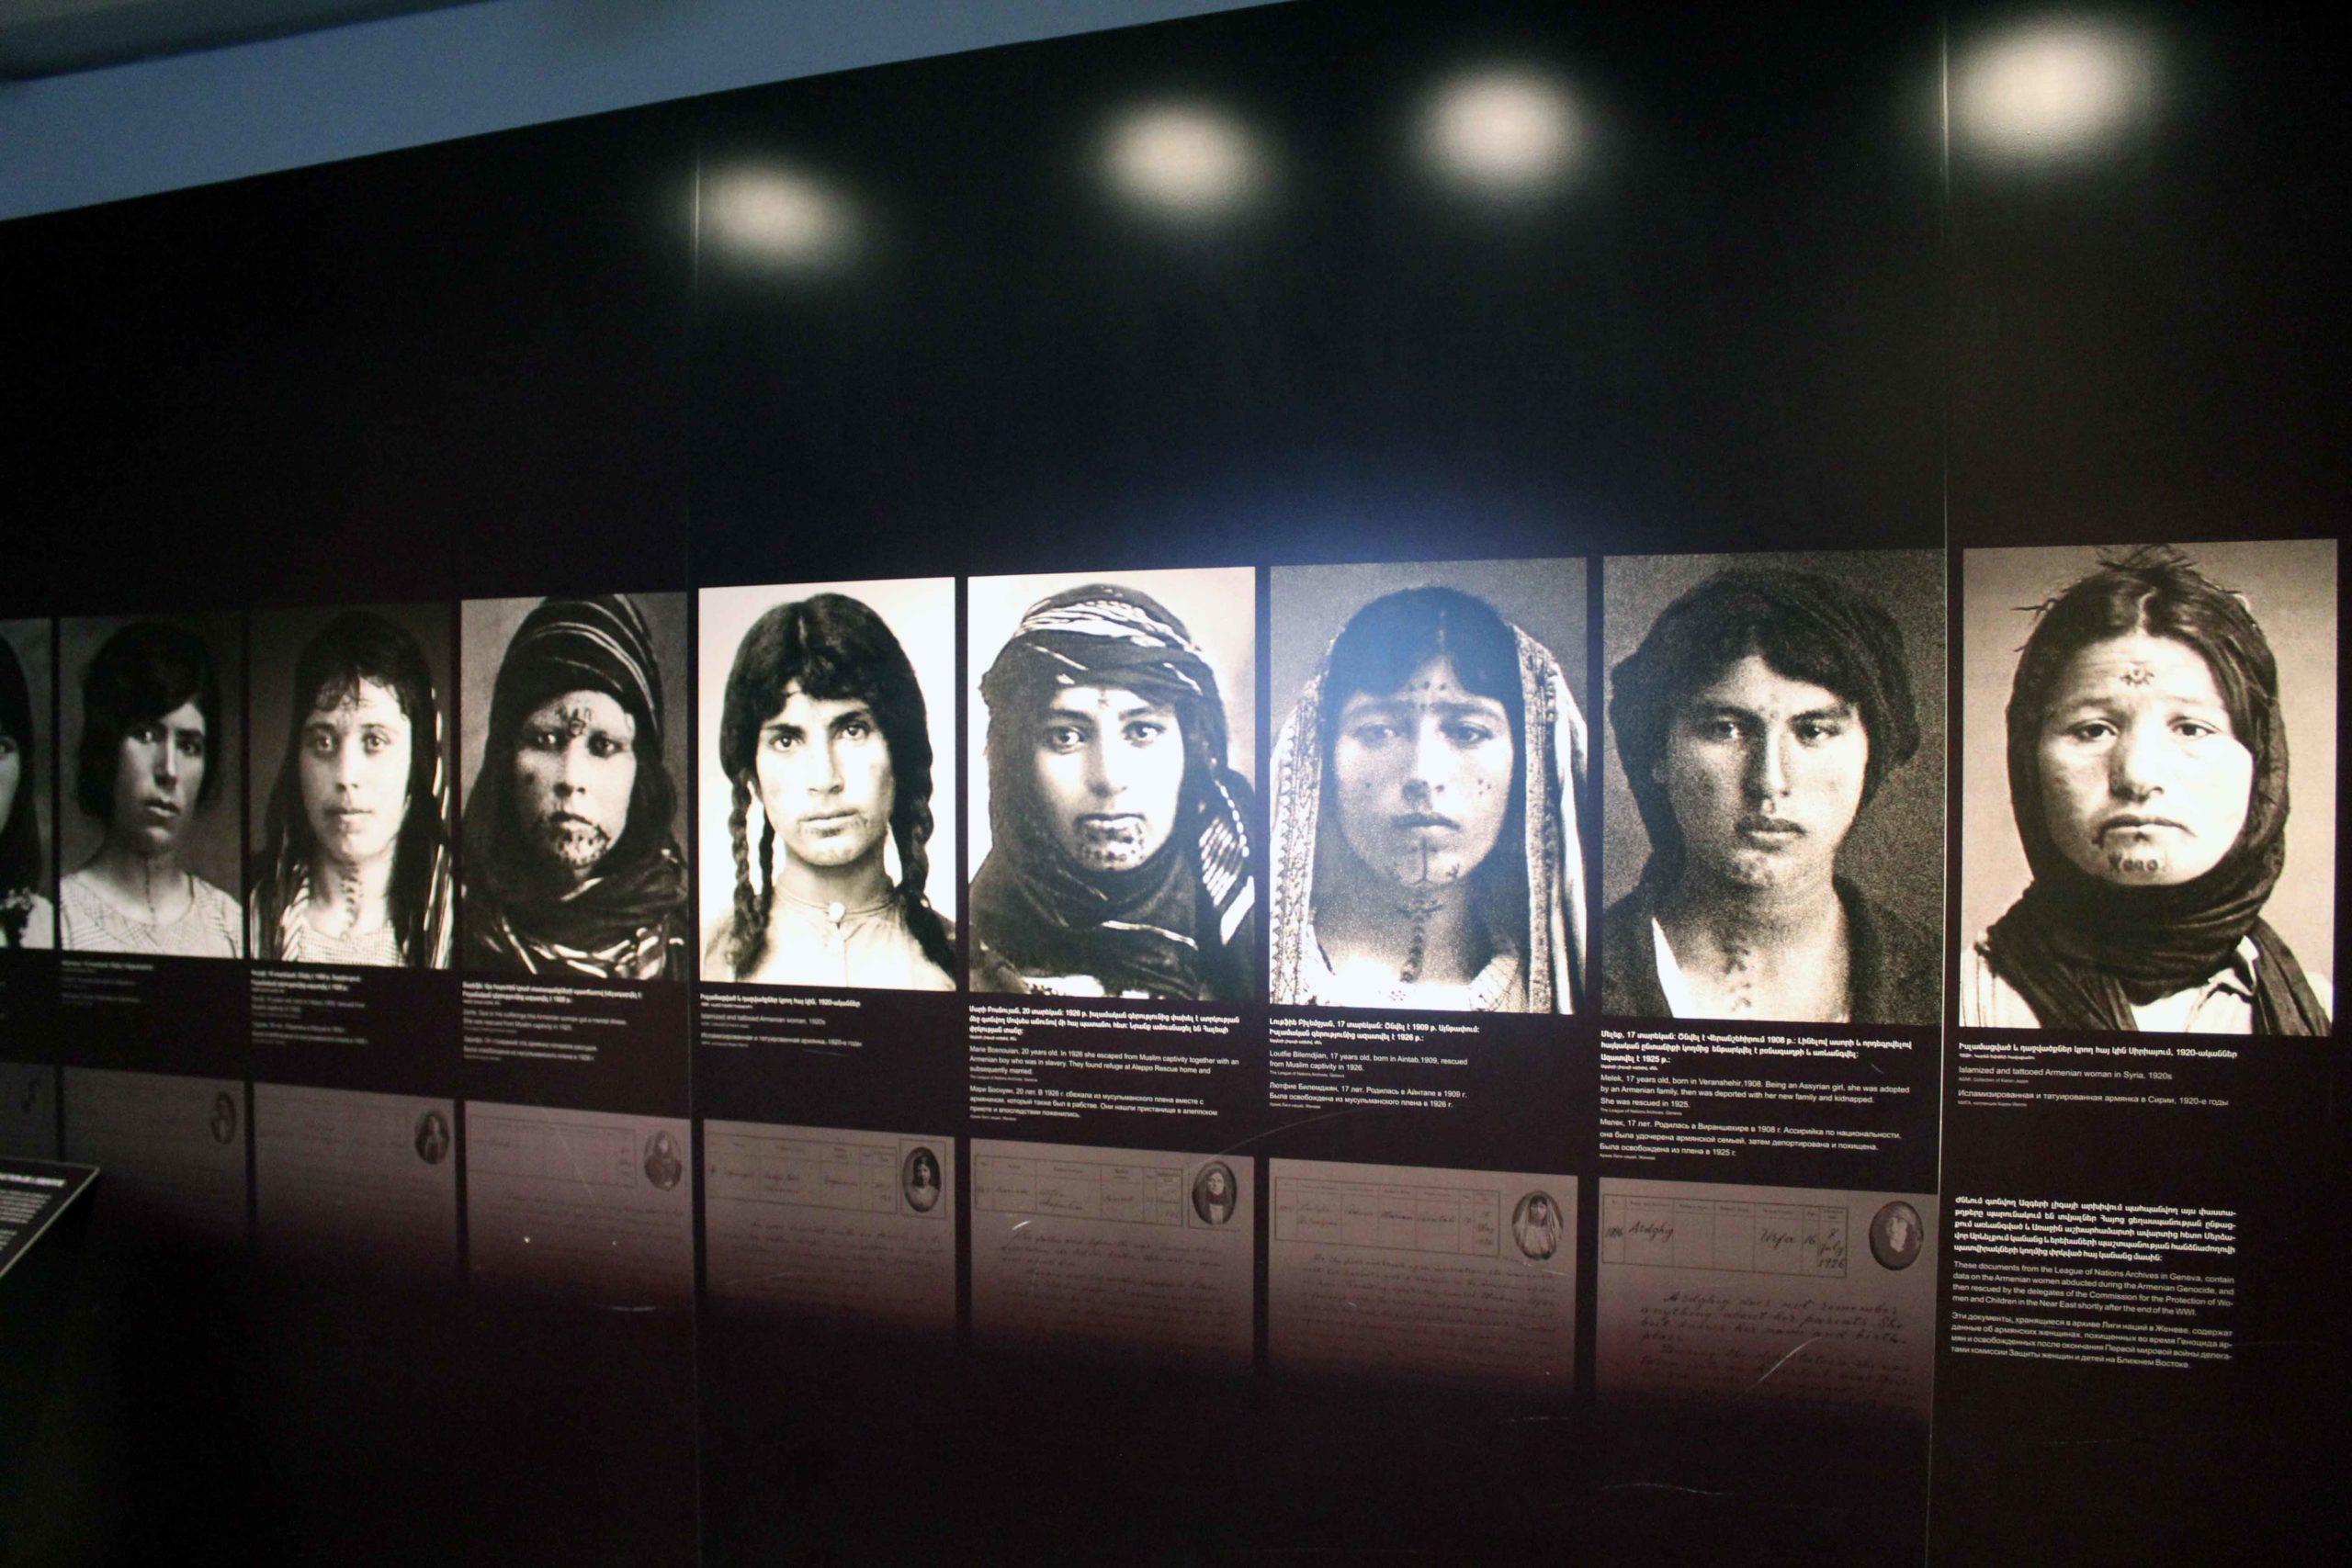 Genocidio armenio: películas y leyes sobre estos crímenes impunes